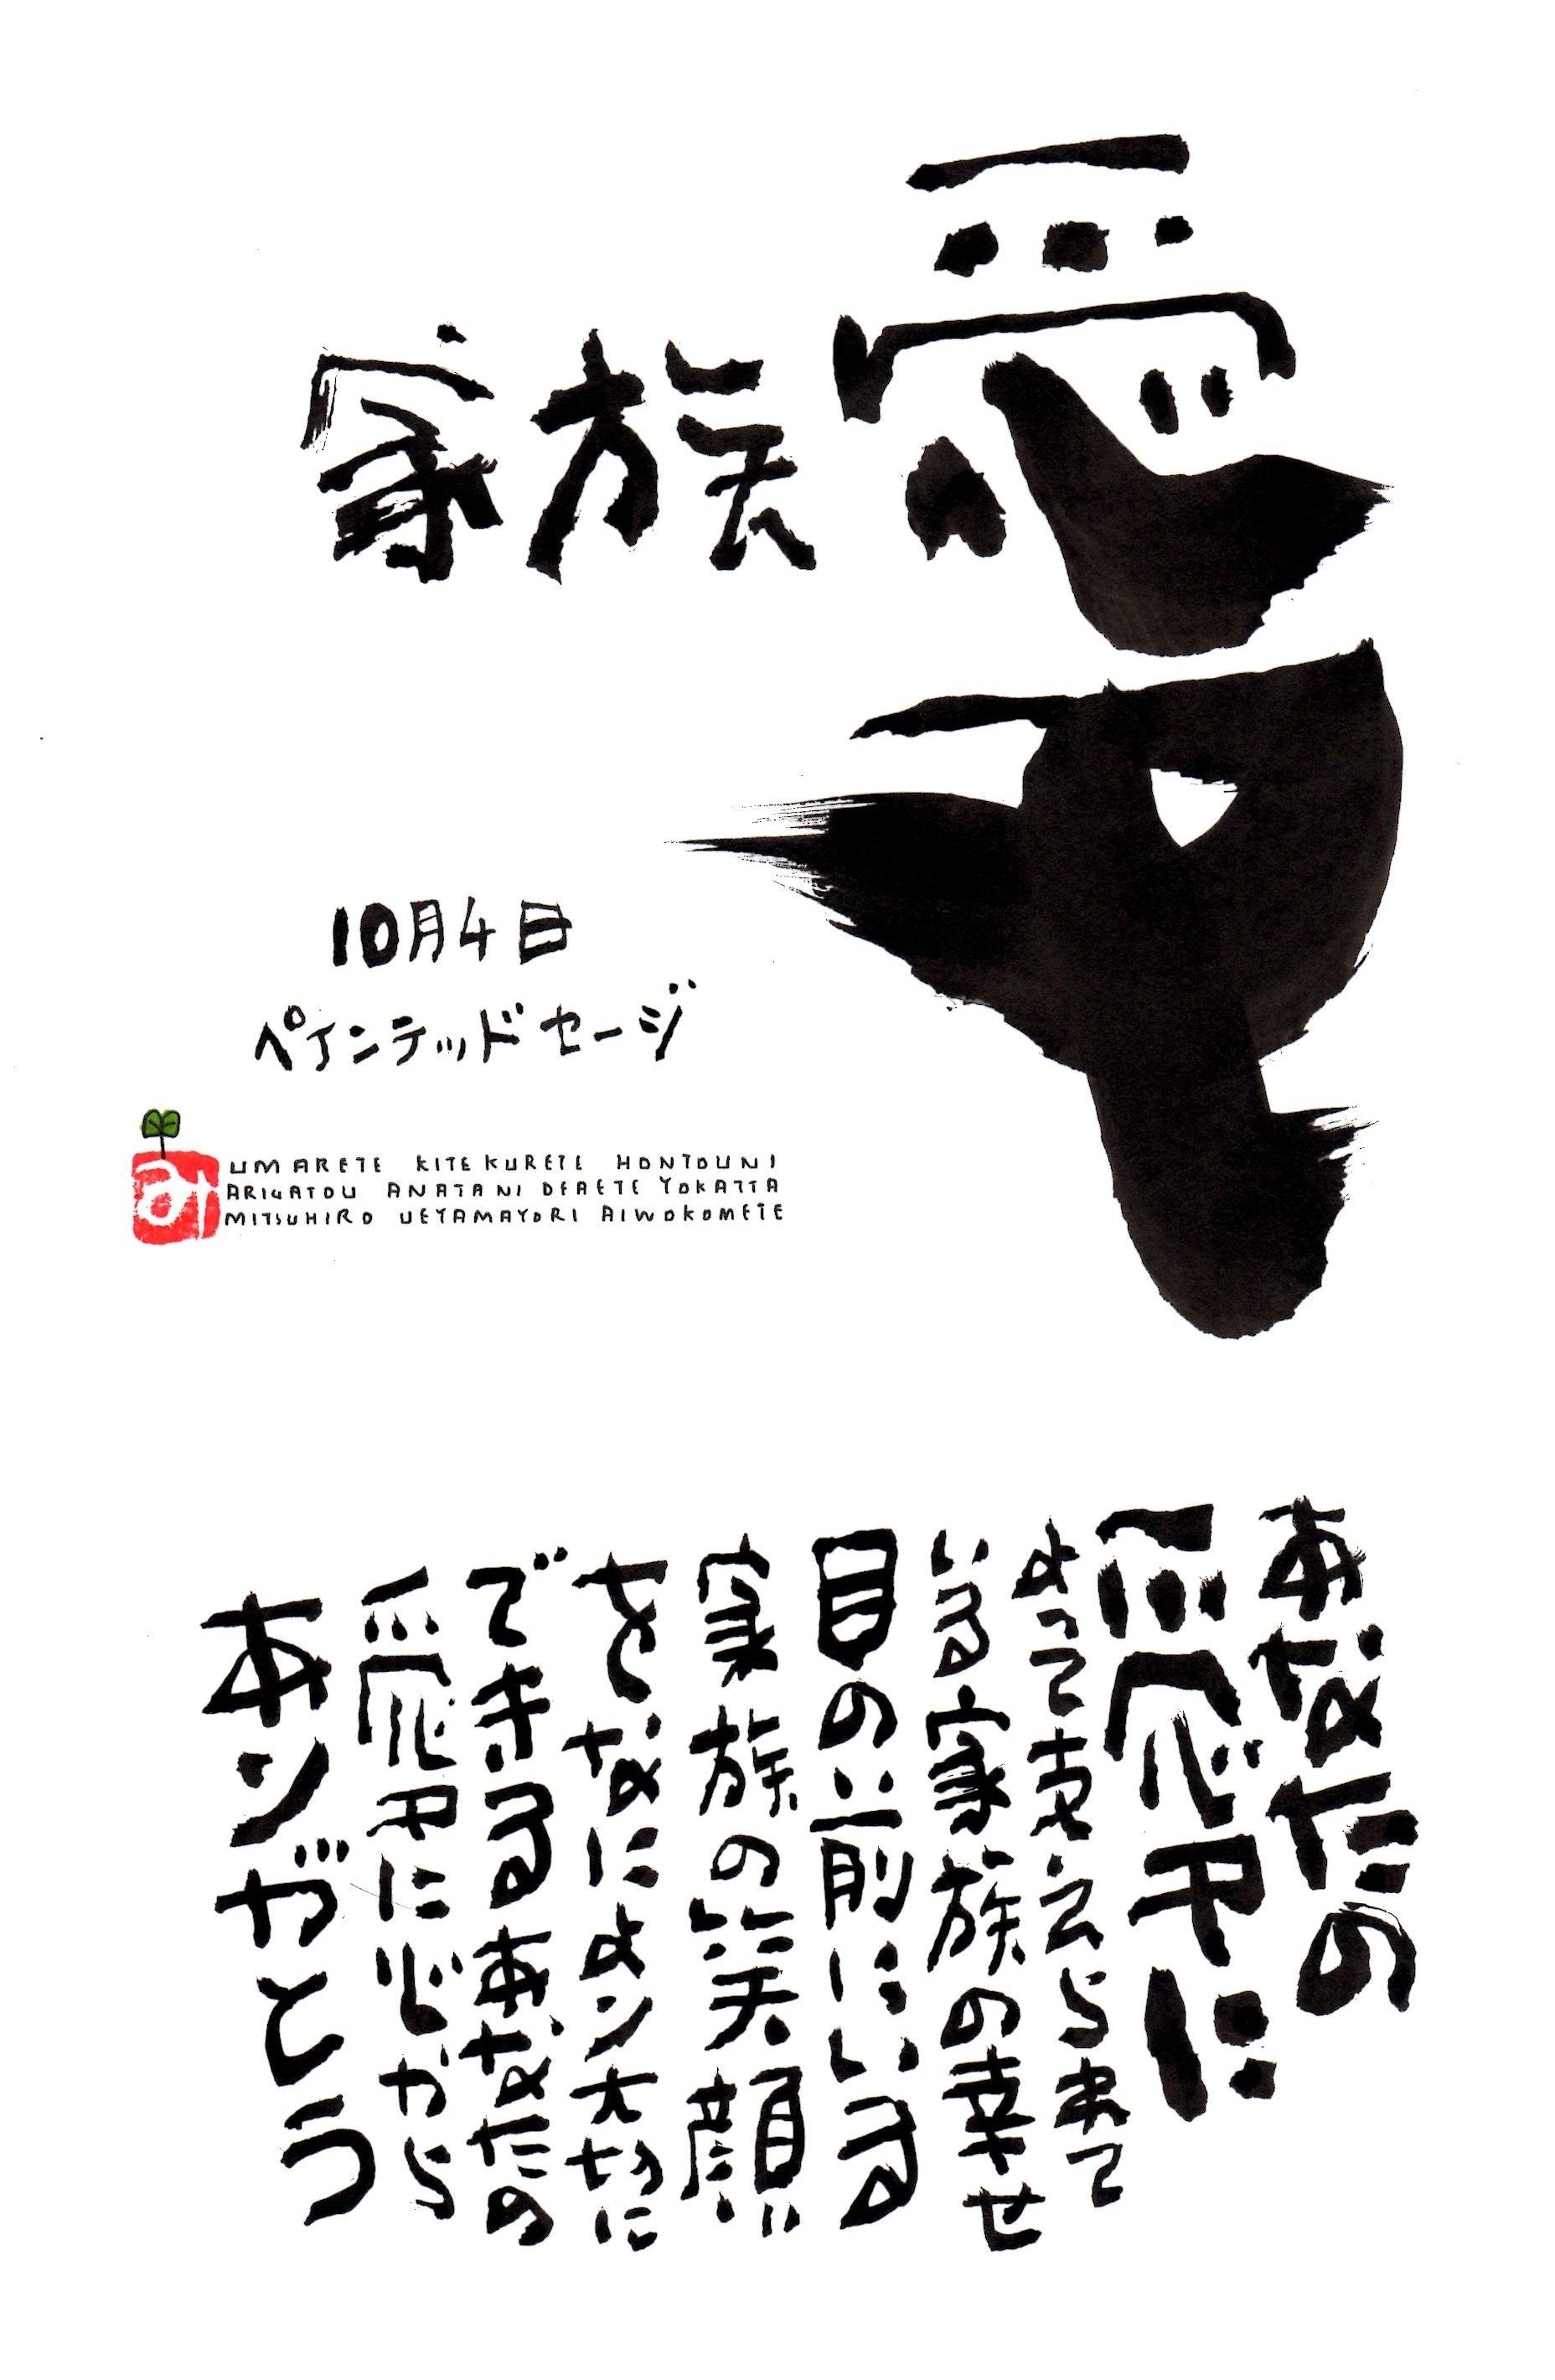 10月4日 誕生日ポストカード【家族愛】Family love